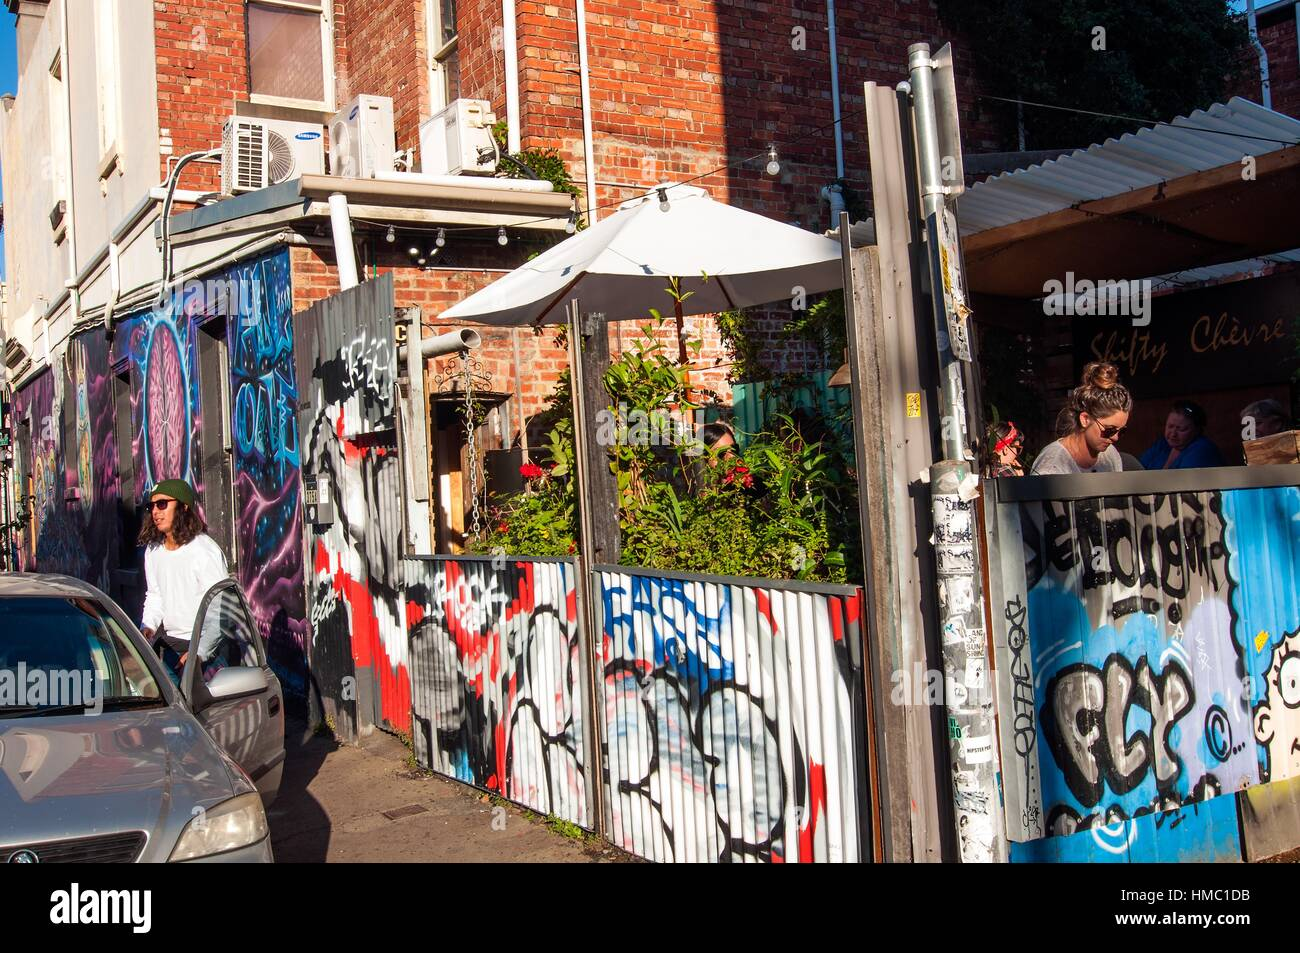 Alternativer Stil Coffeeshop und Straßenszene, Fitzroy, Melbourne, Victoria, Australien Stockbild